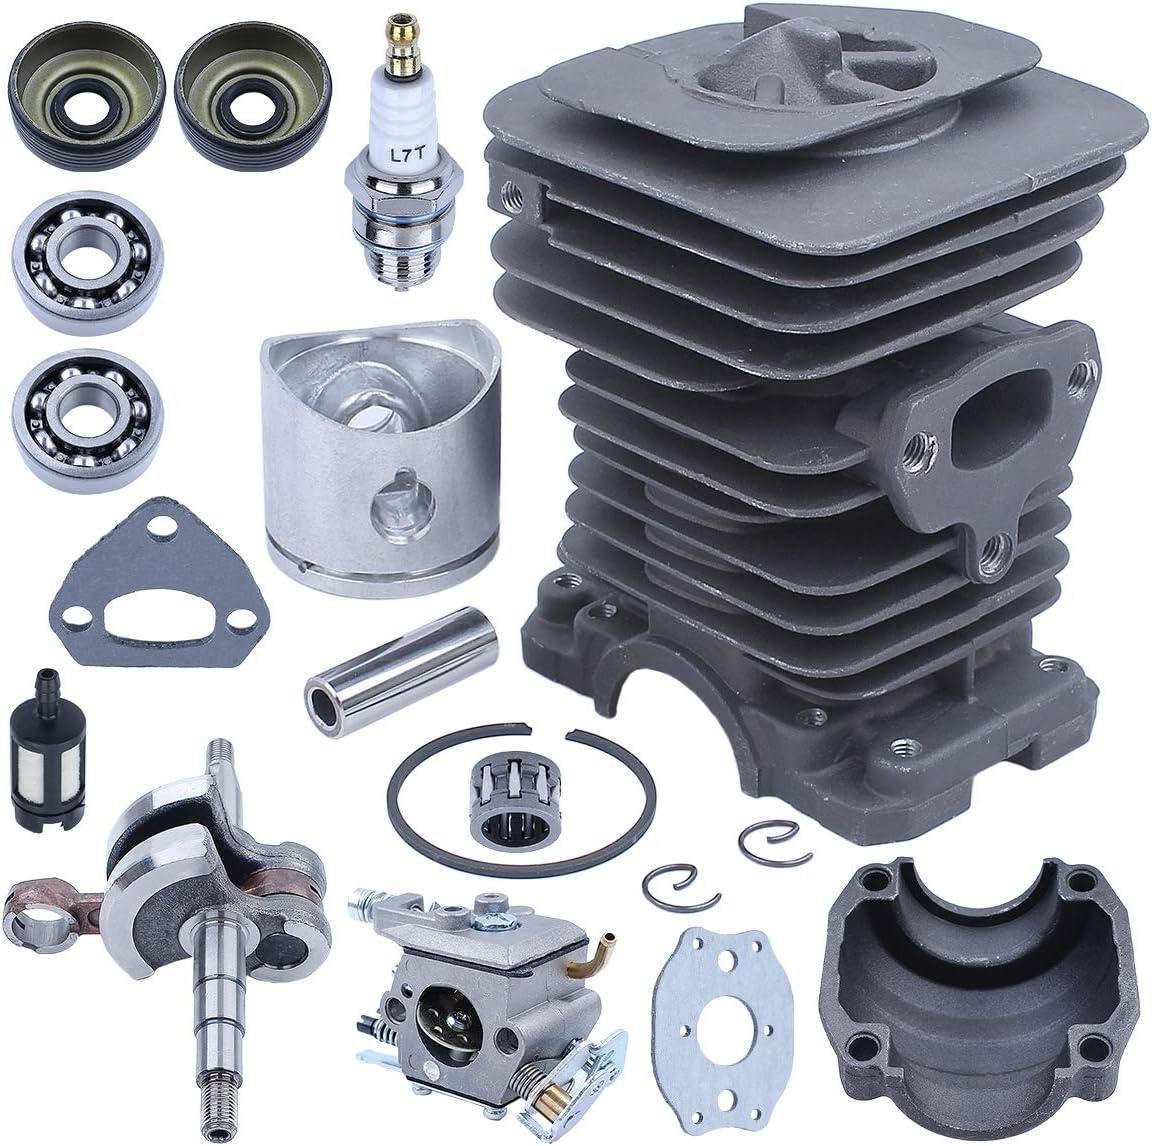 38MM Crankshaft Cylinder Carburetor Kit for Husqvarna 136 141 137 142 Chainsaw